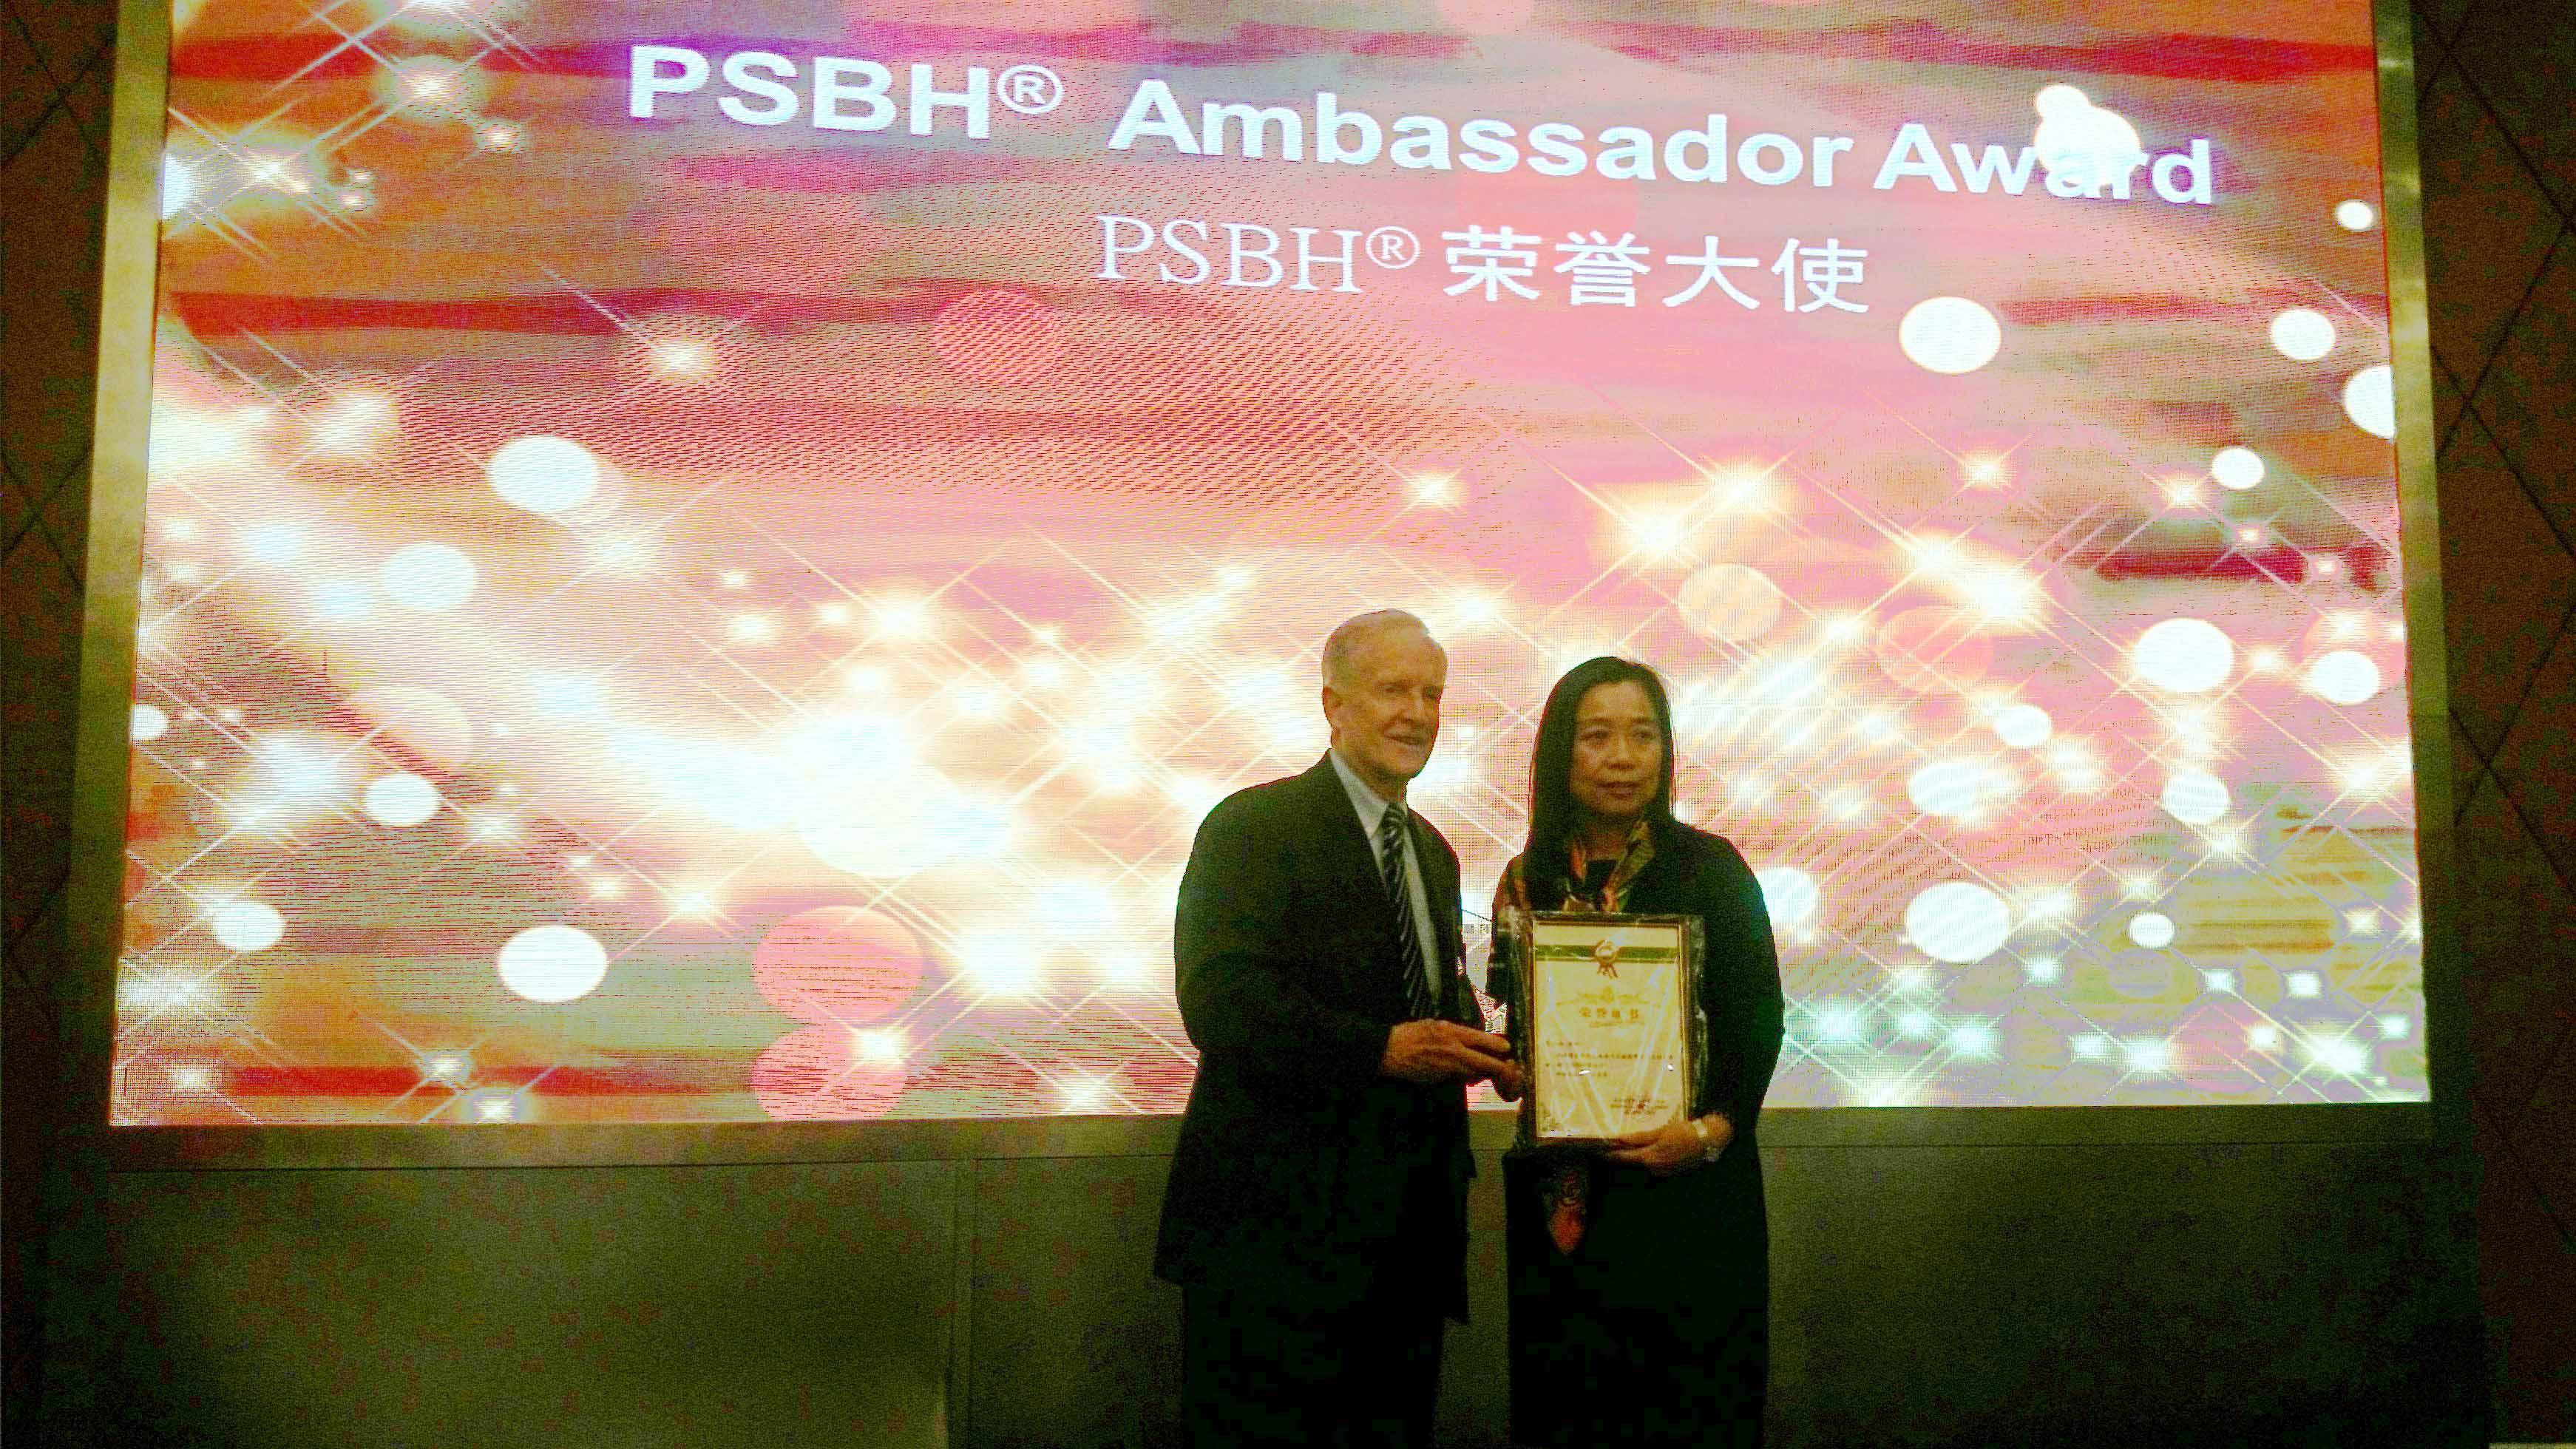 朱明霞教授獲頒授PSBH榮譽大使